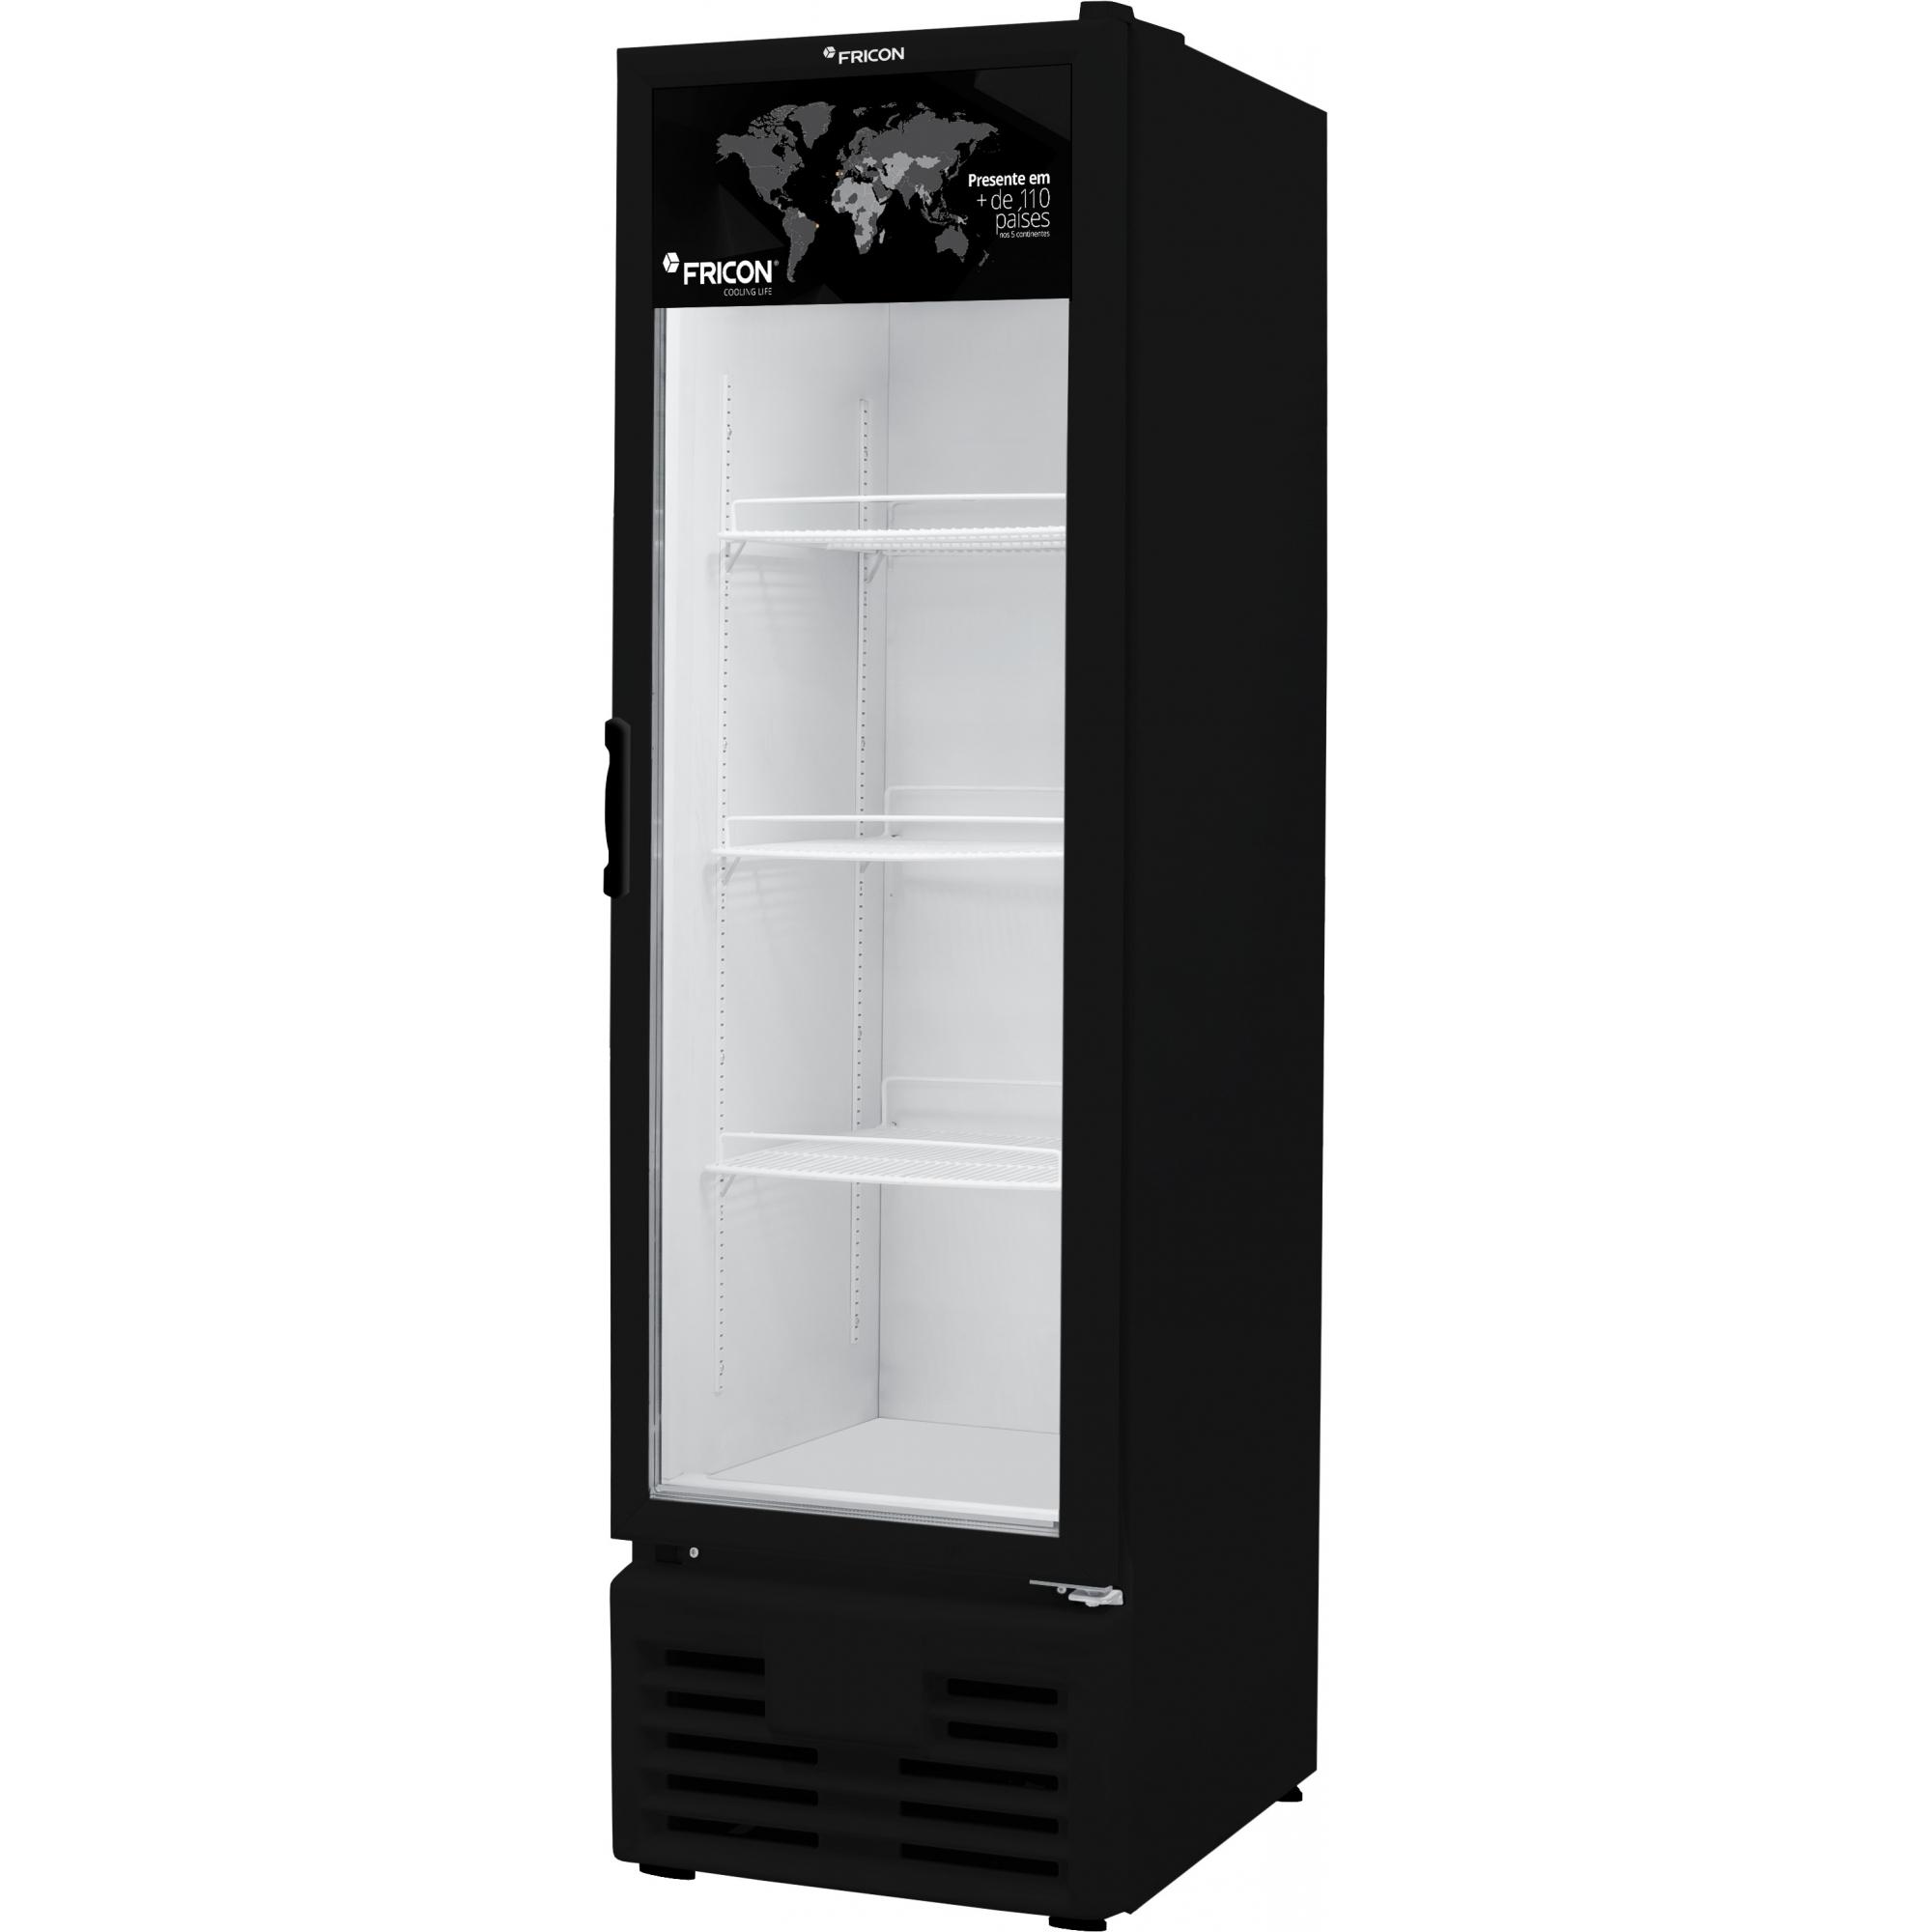 Freezer Vertical 284 Litros Porta de Vidro Preto Fricon - VCED284-2V001